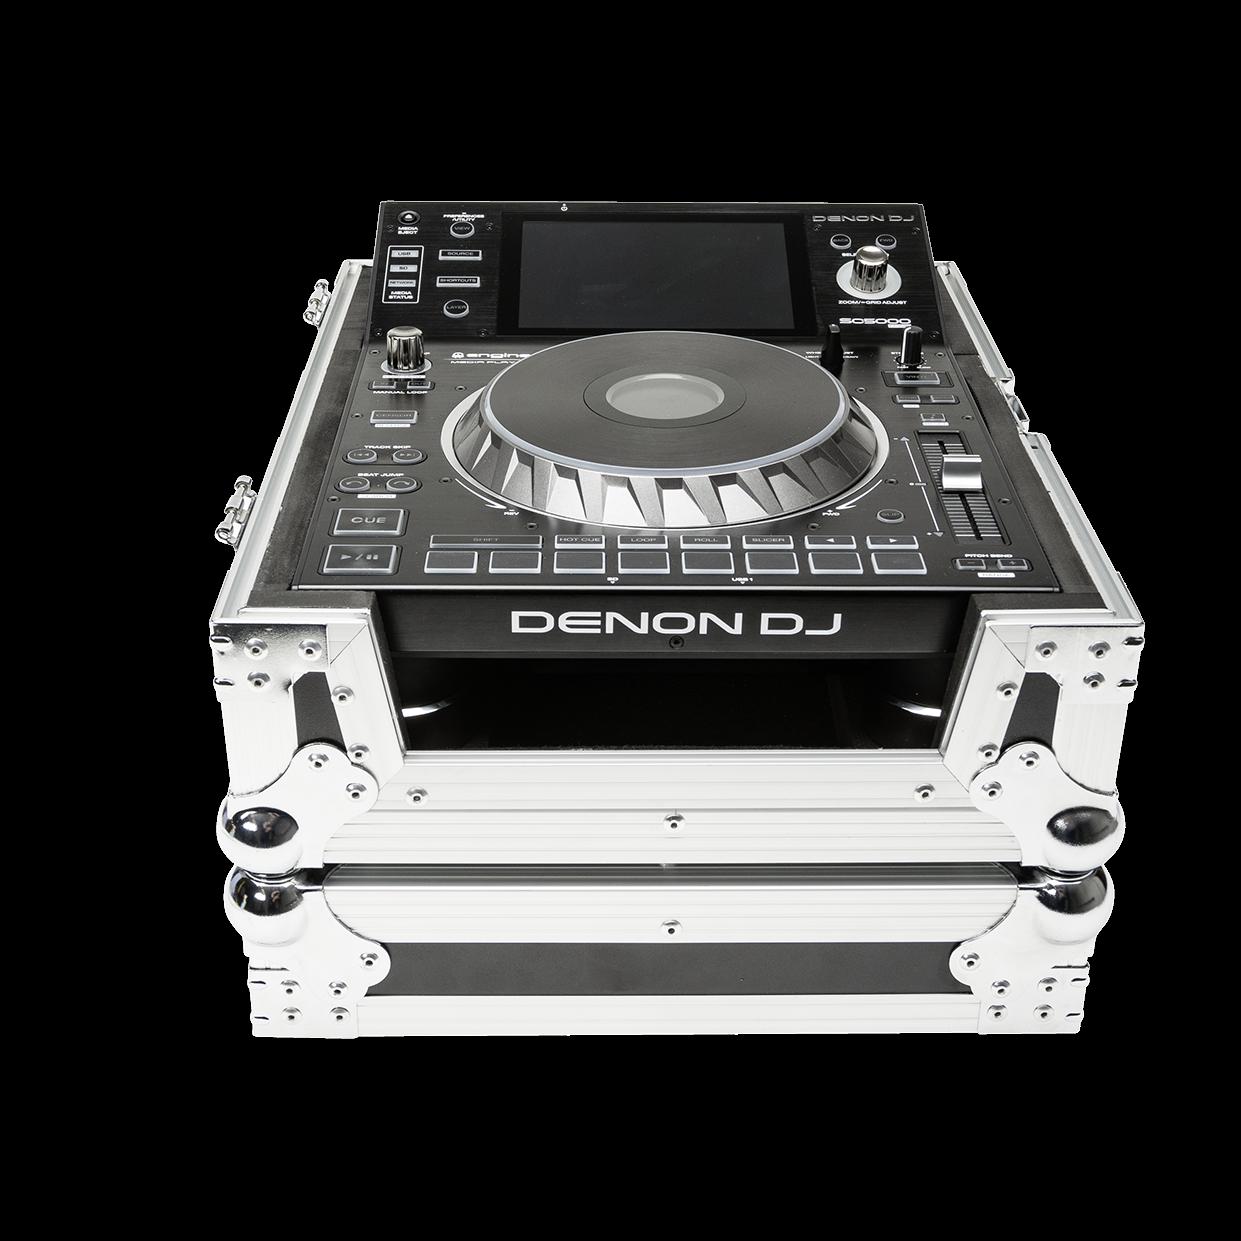 Magma-bags DJ-Controller Case SC 5000 Prime